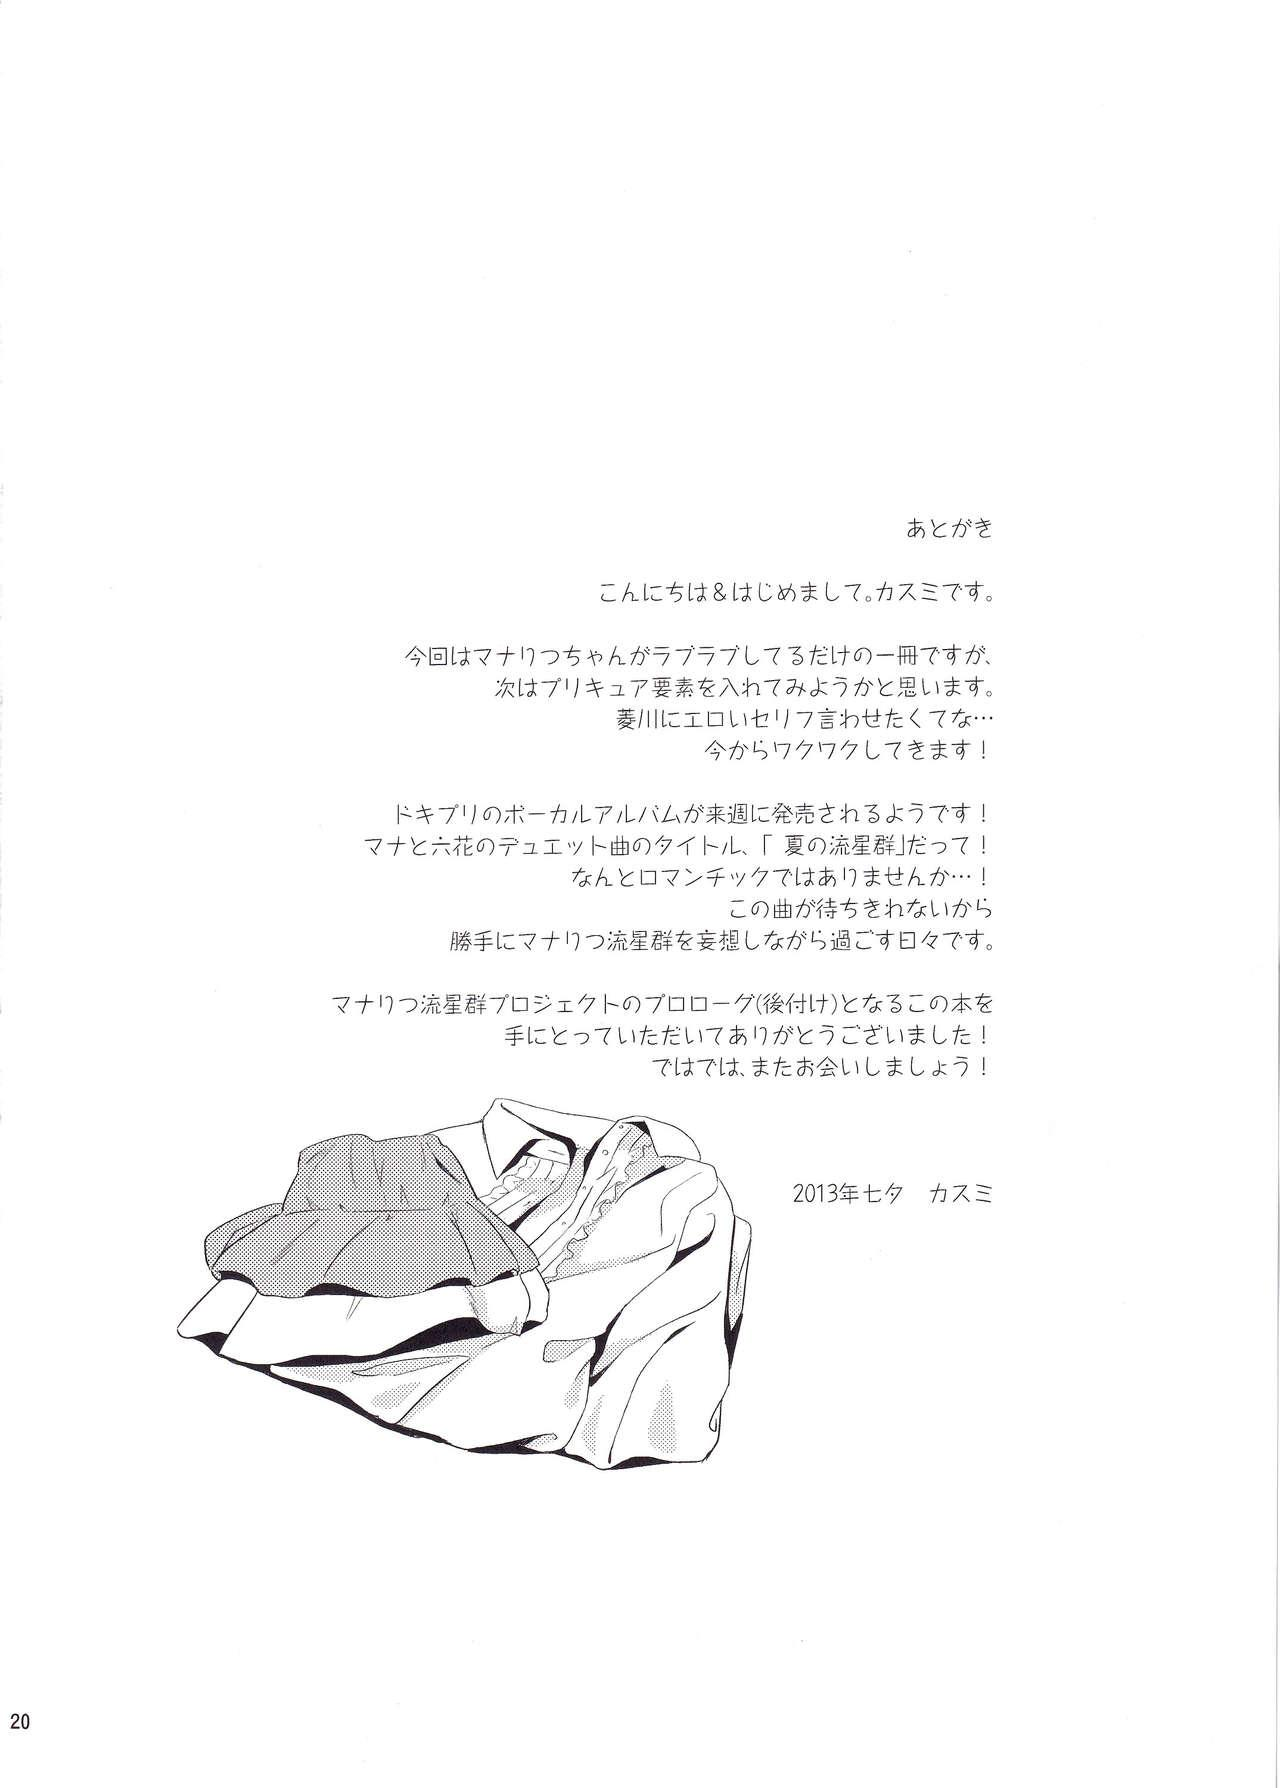 Hatsumitsu 20